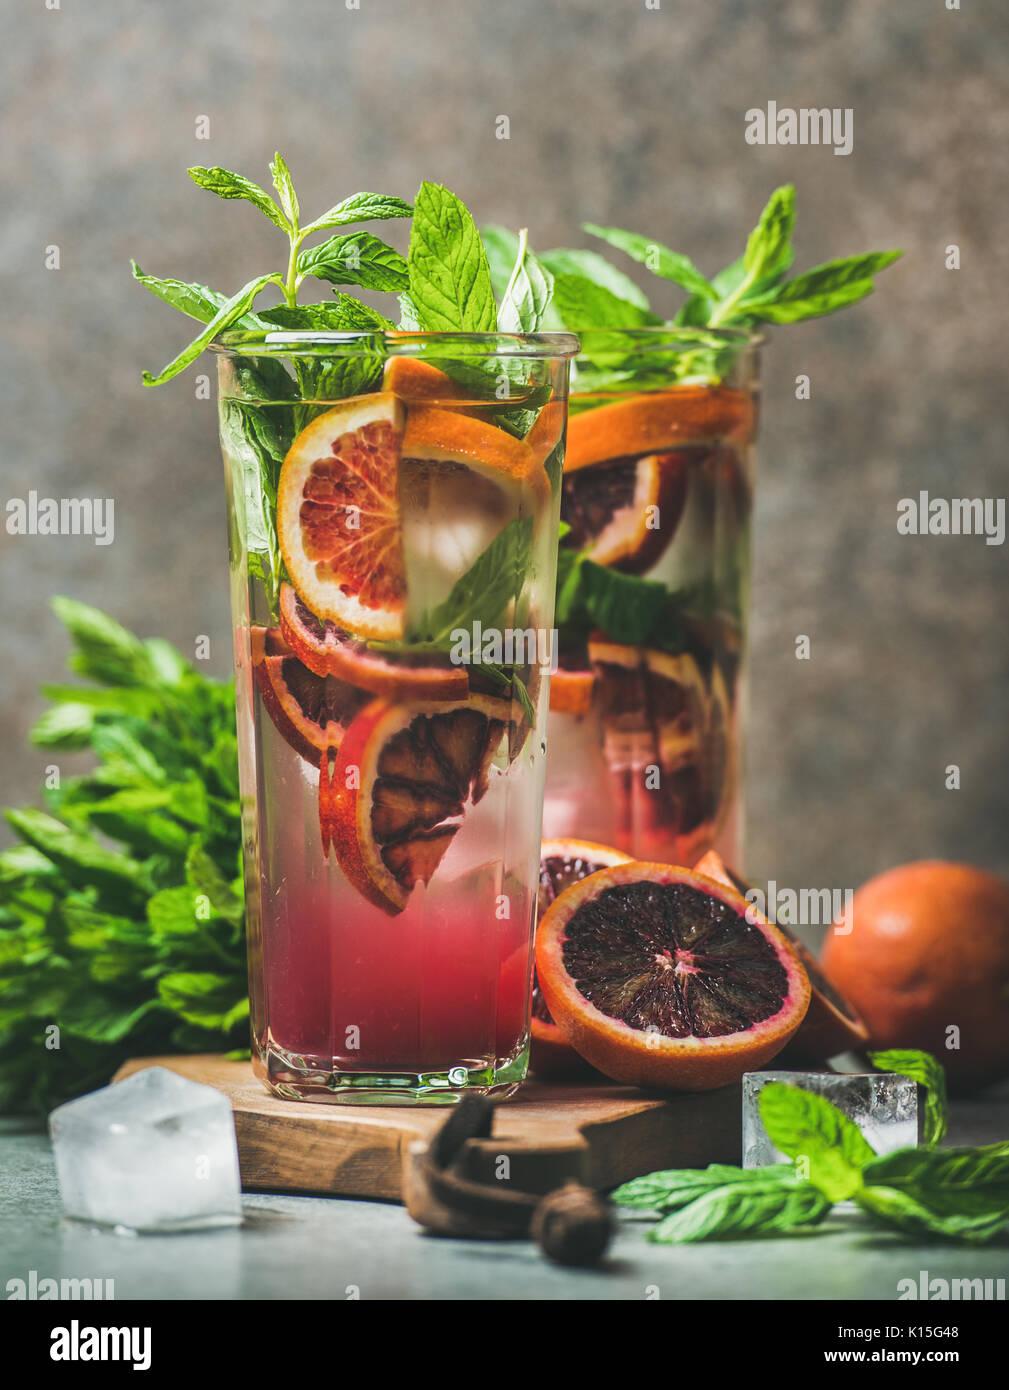 Agrumes orange sanguine et la glace à la menthe limonade Photo Stock